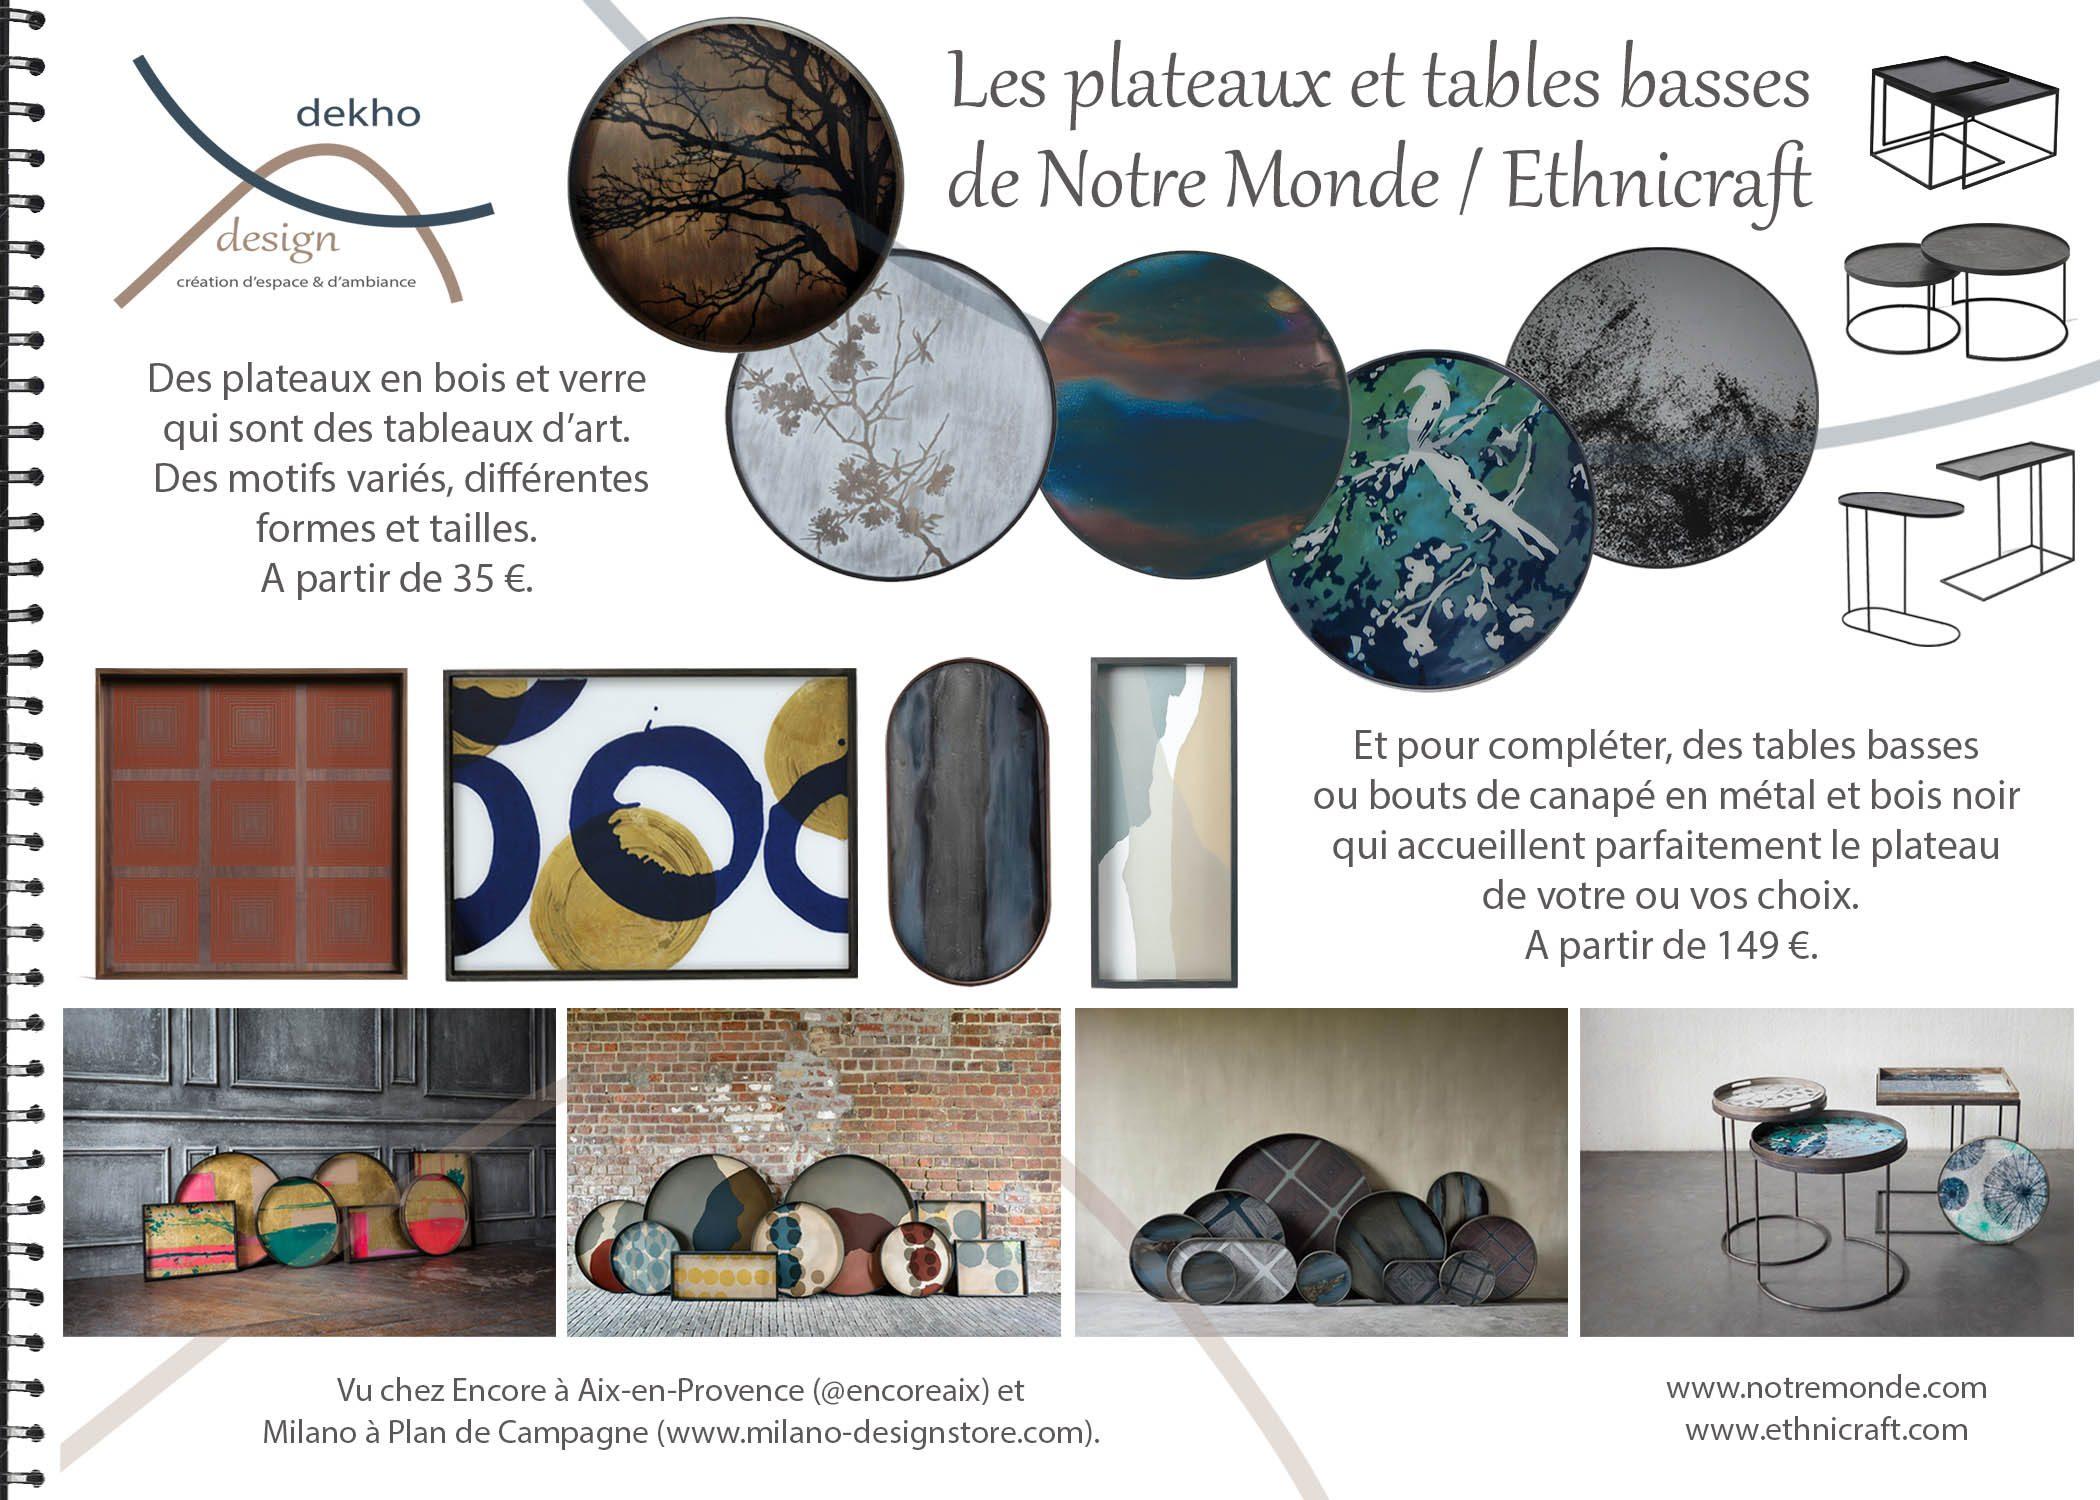 carnet d'intérieur-idées cadeaux-sélection ethnicraft-conseils-dekho design